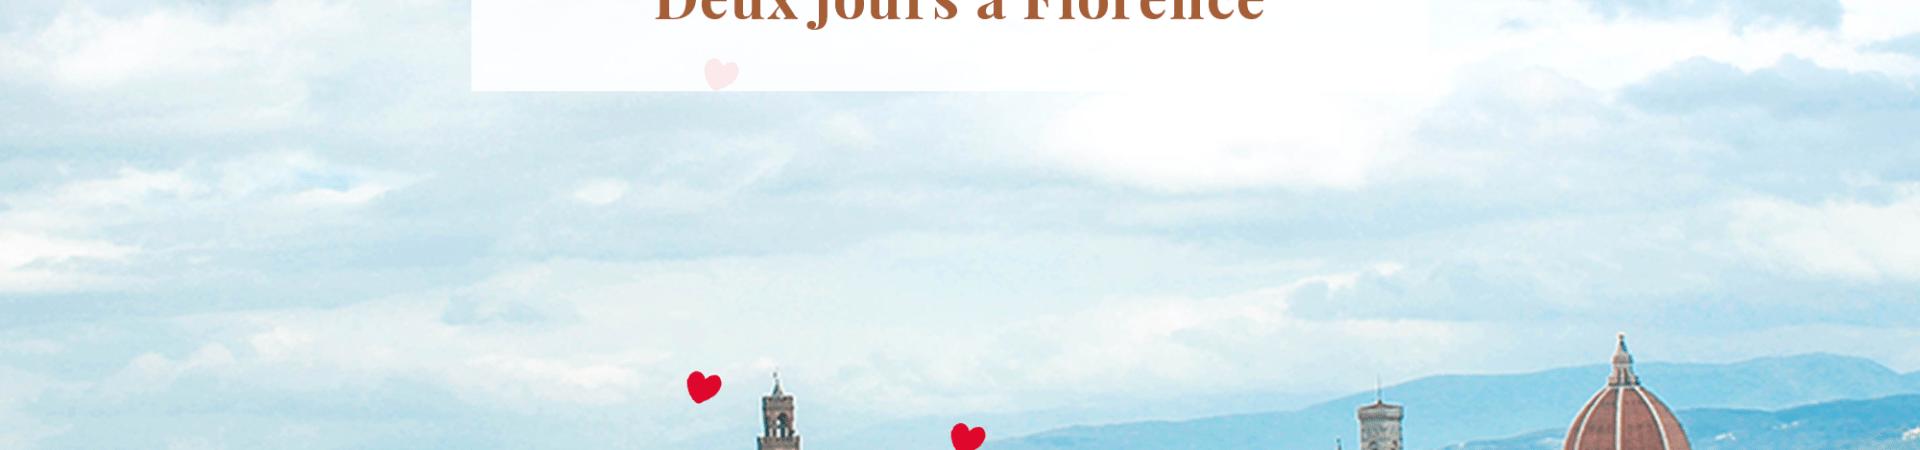 Road-trip-en-Italie-Vue-Florence-Drawingsandthings